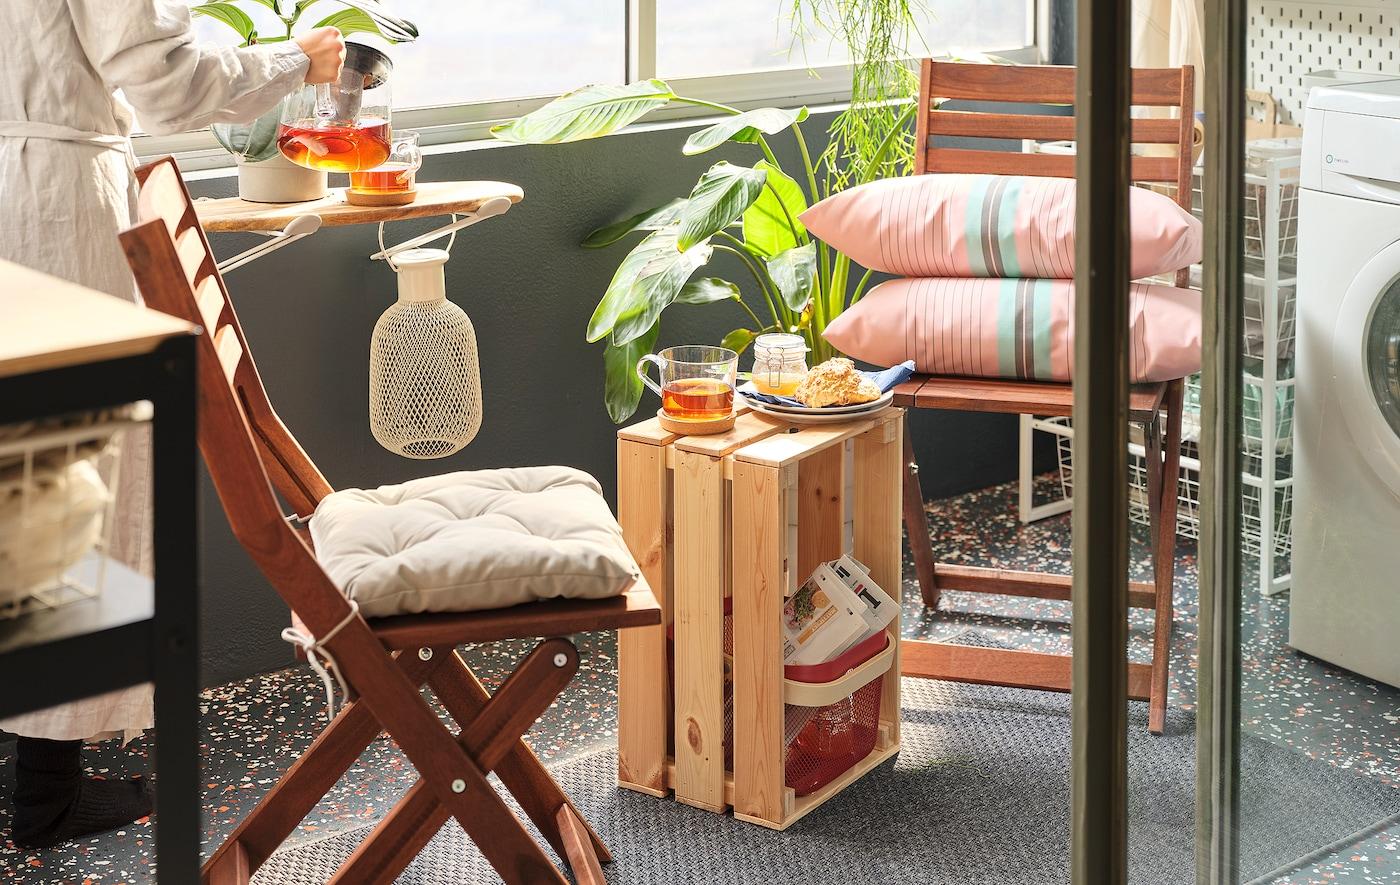 Cuib scăldat de soare pe balcon, în care îți poți savura cafeaua, alcătuit din scaune pliante și o cutie KNAGGLIG așezată alături, ca măsuță care împarte spațiul.